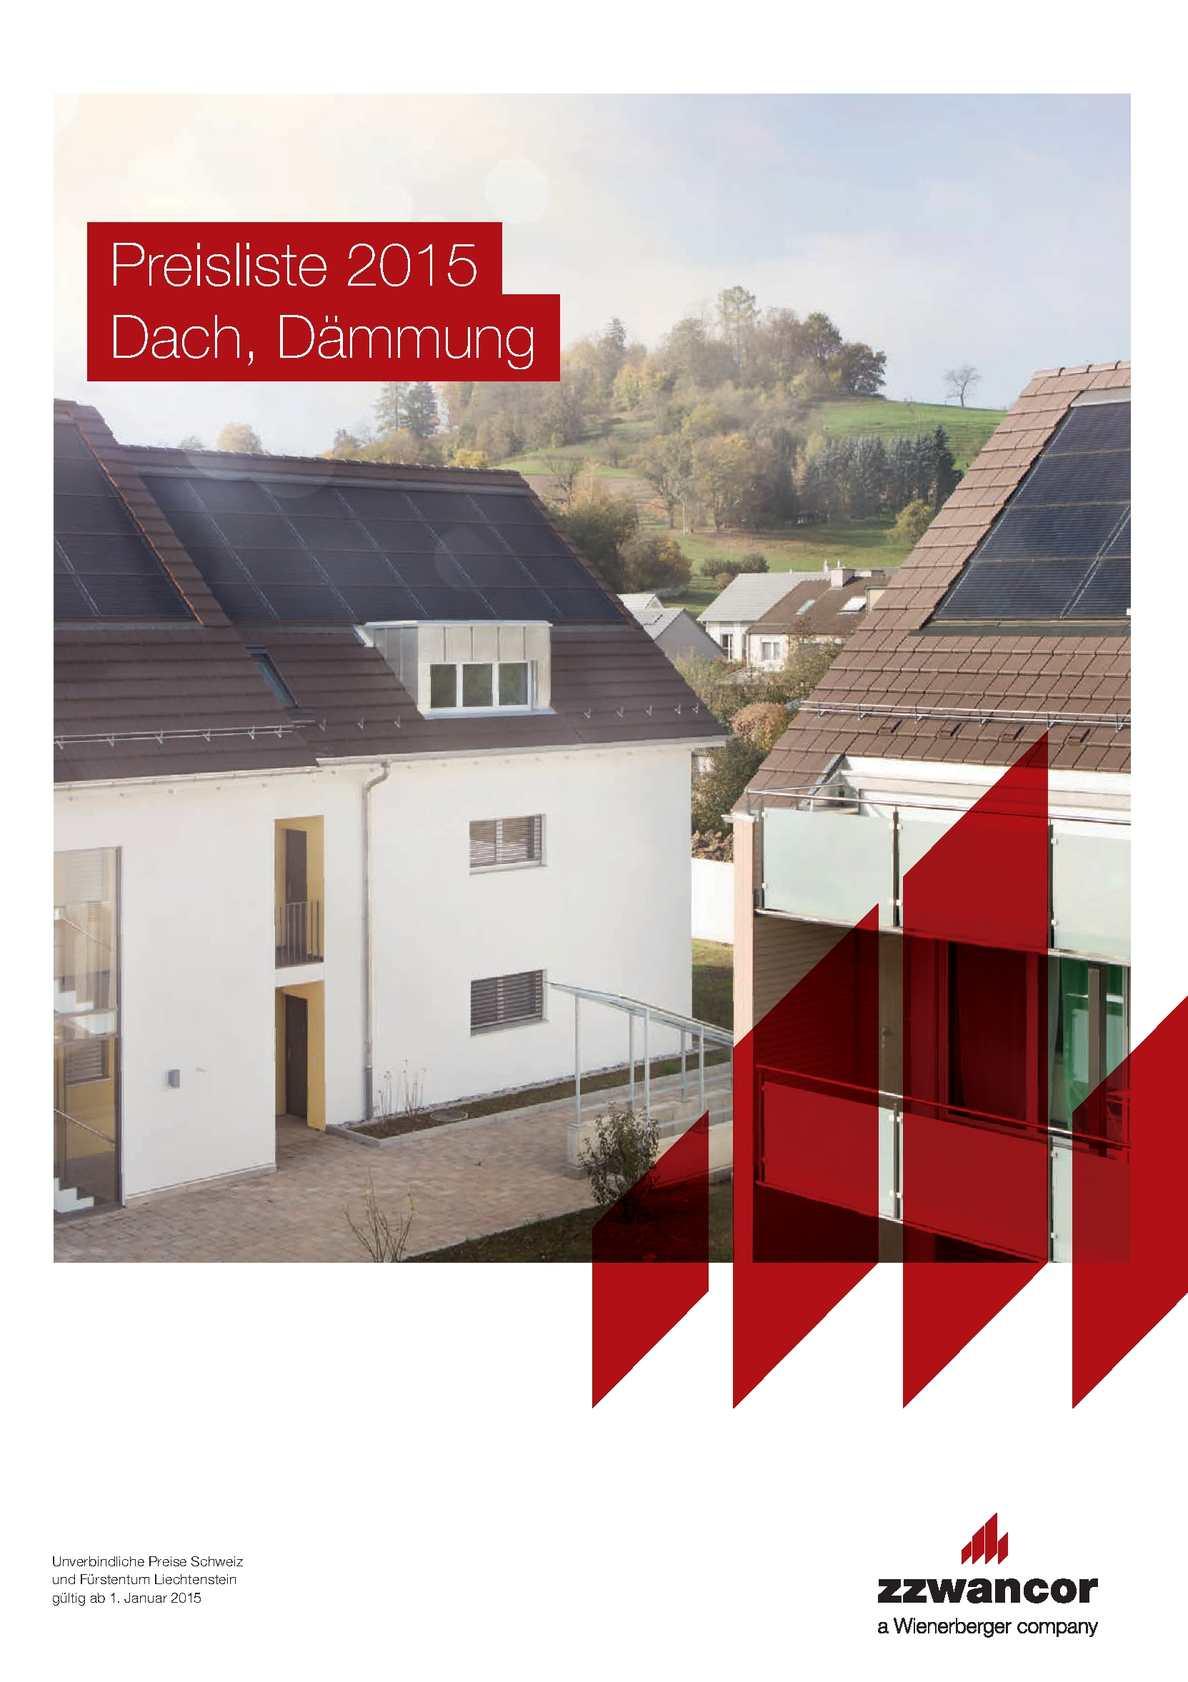 Calaméo - Preisliste Dach, Dämmung 2015